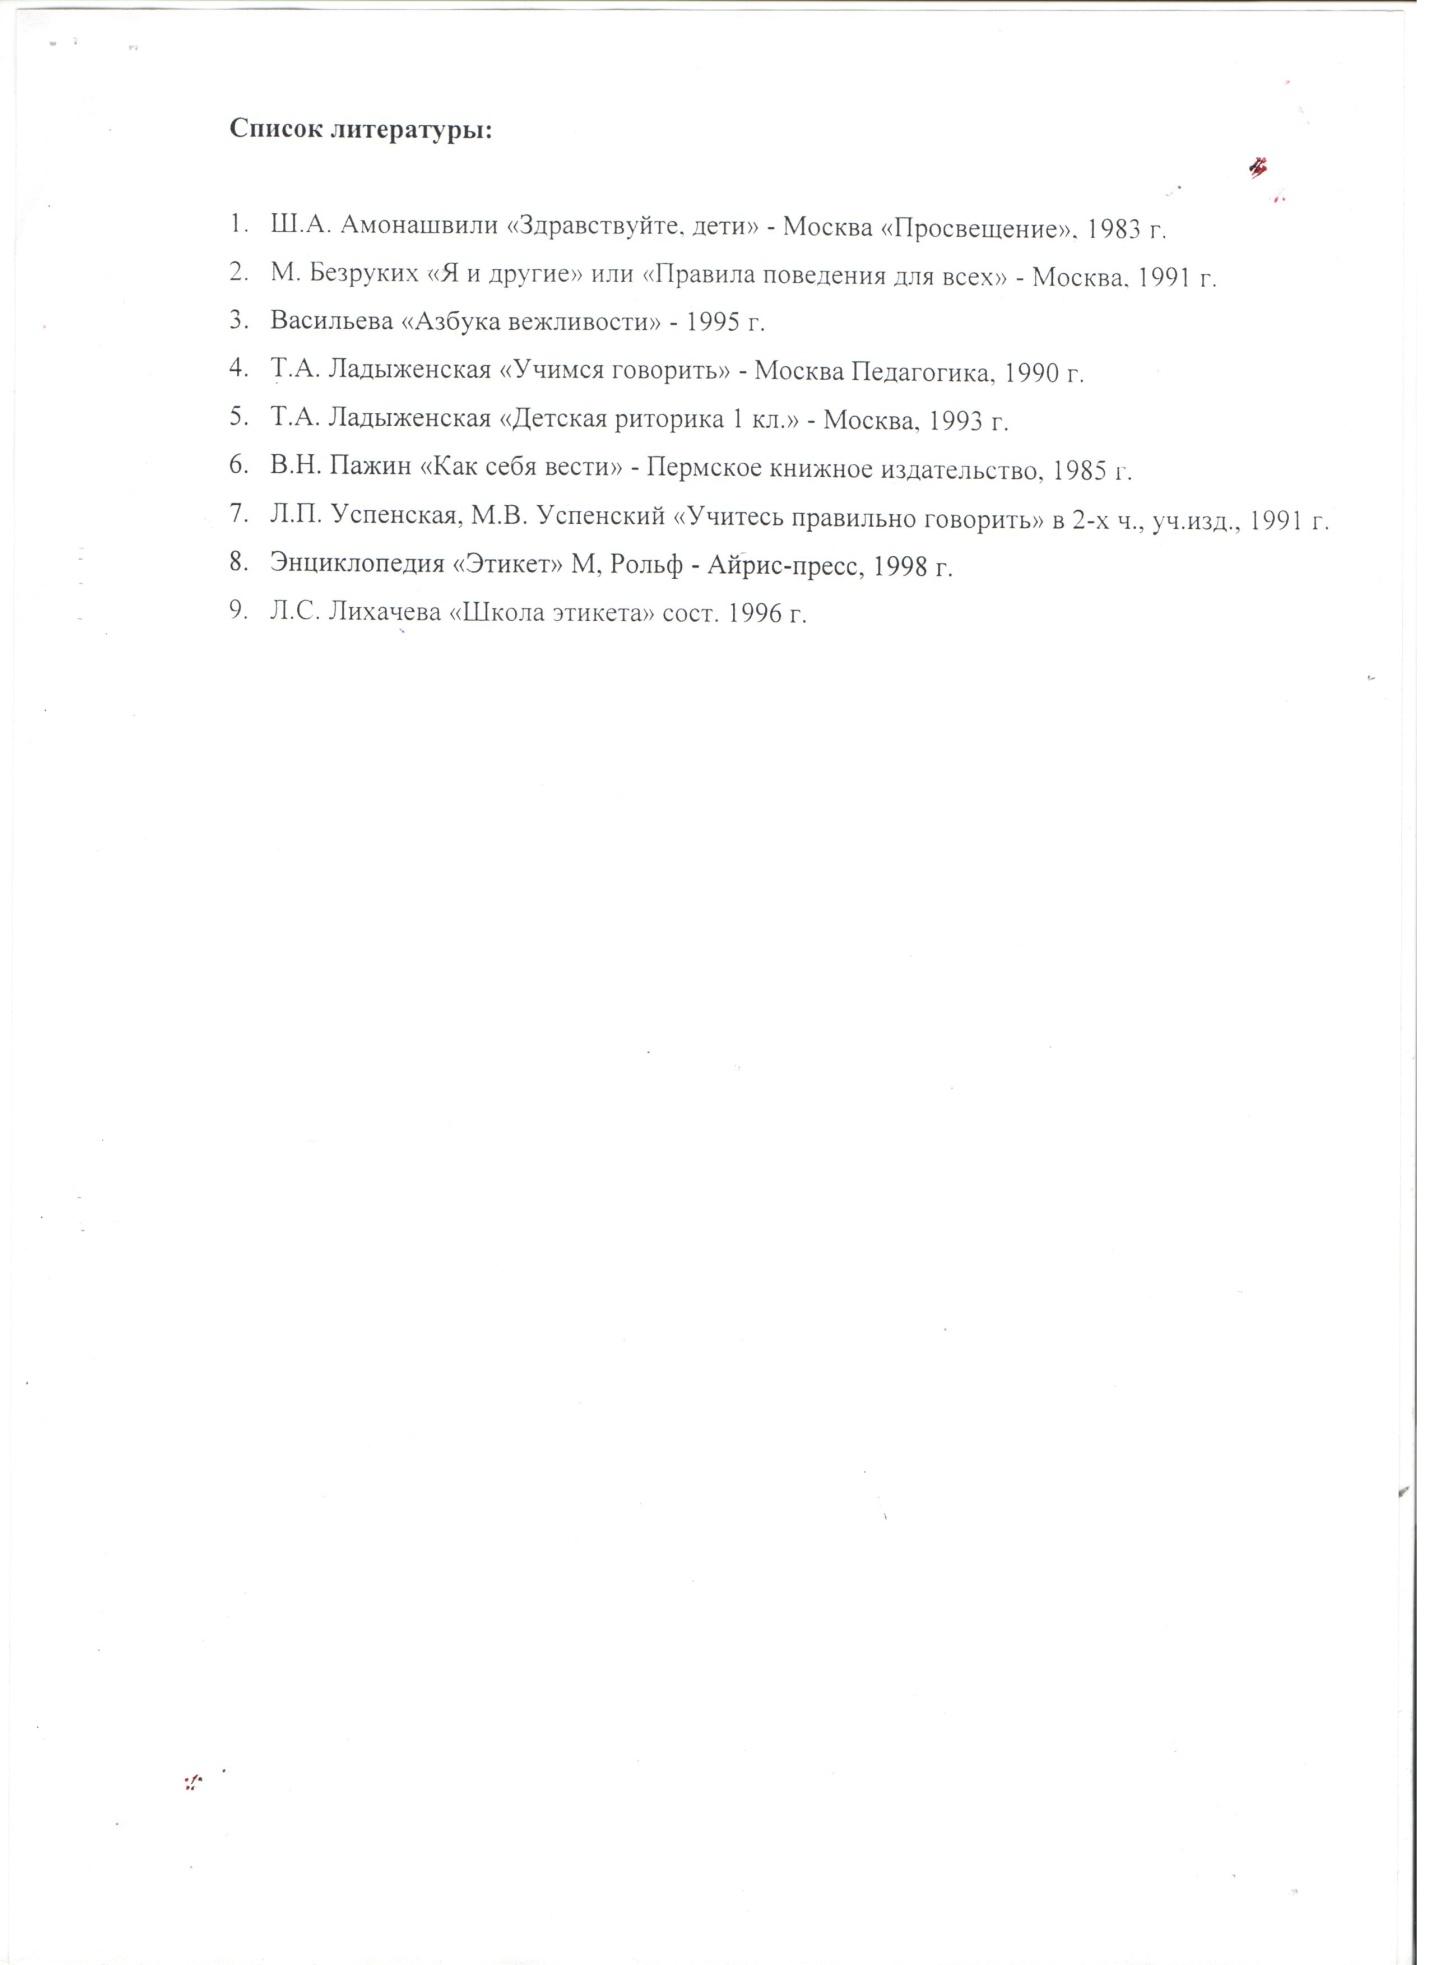 C:\Users\pk0001\Desktop\програма школа этикета\программа 11.jpeg